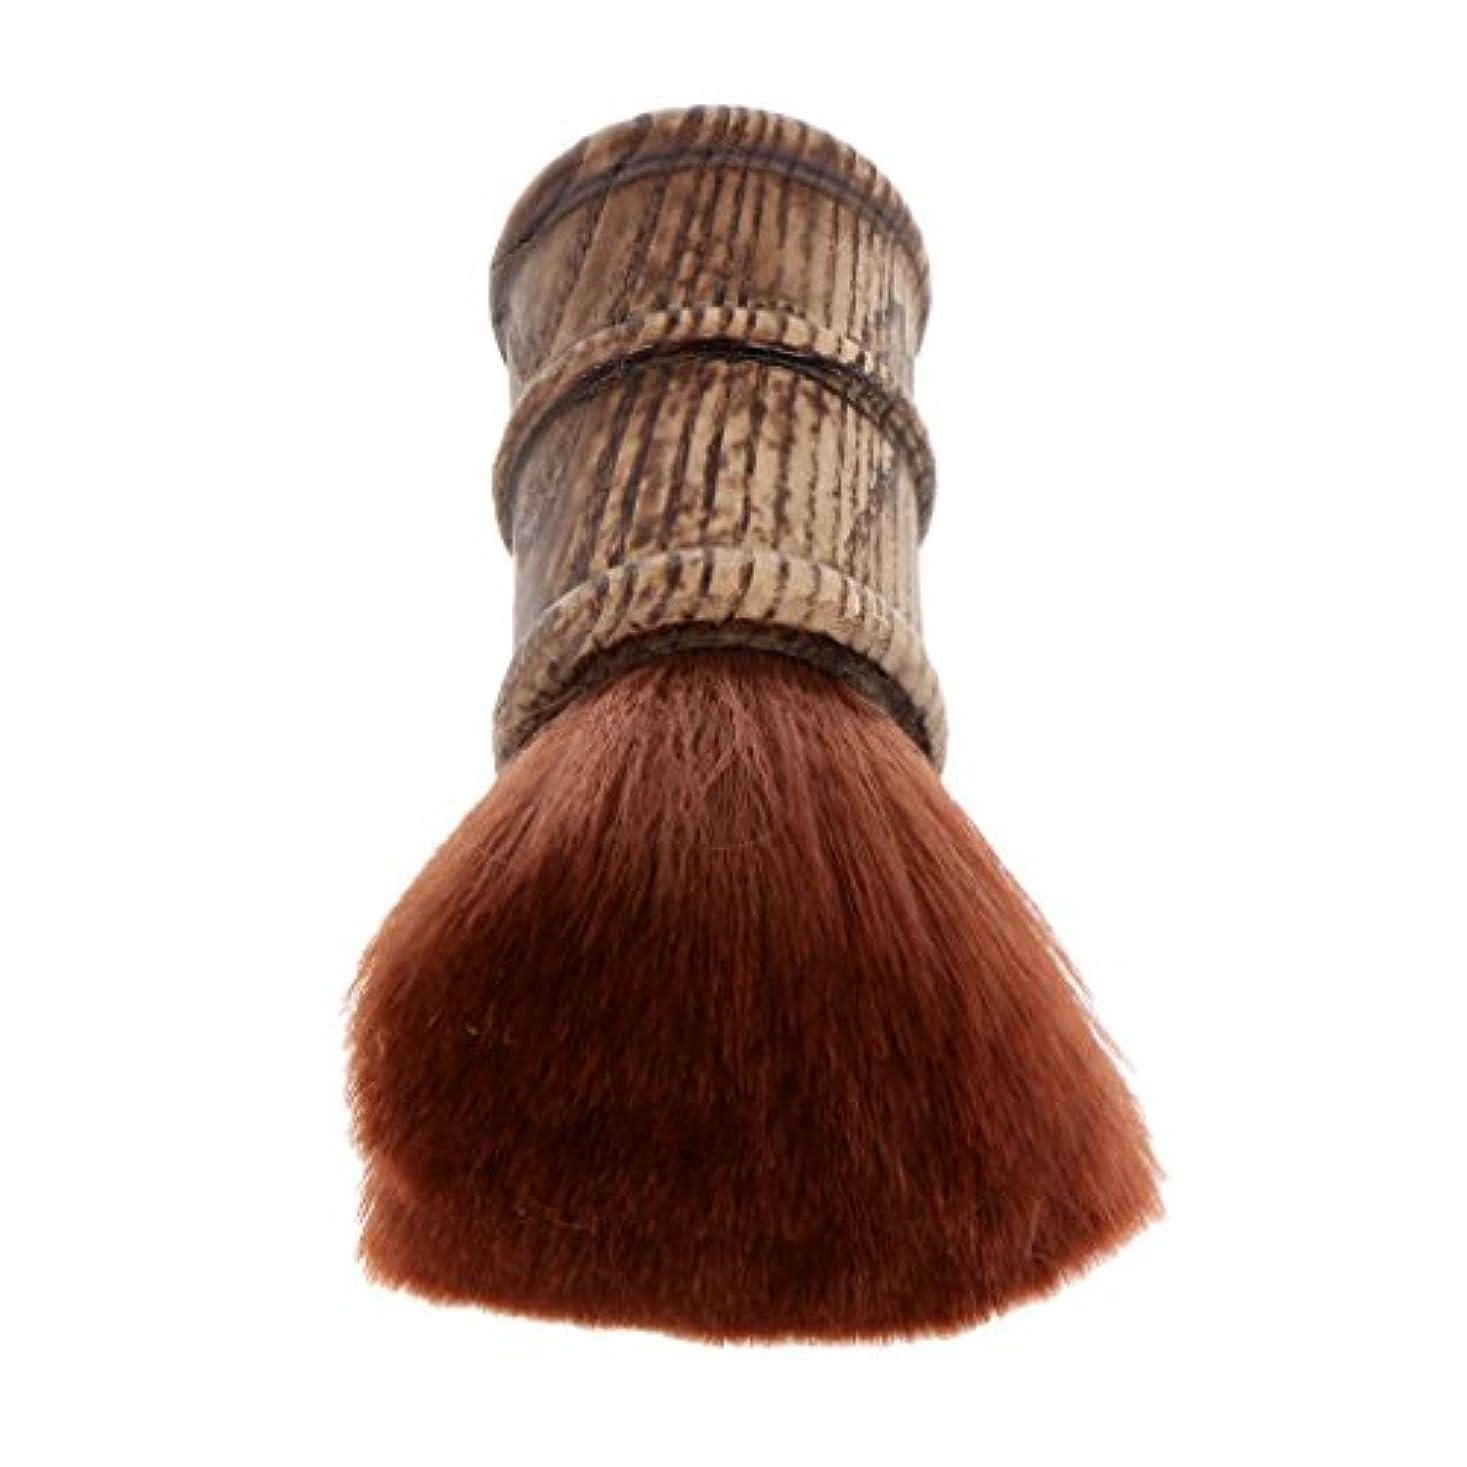 サンドイッチテレックス市民権ネックダスターブラシ ヘアカットブラシ ブラシ プロ サロン 柔らかい 自宅用 ヘアスタイリスト ヘアカット 散髪 理髪師 2色選べる - 褐色